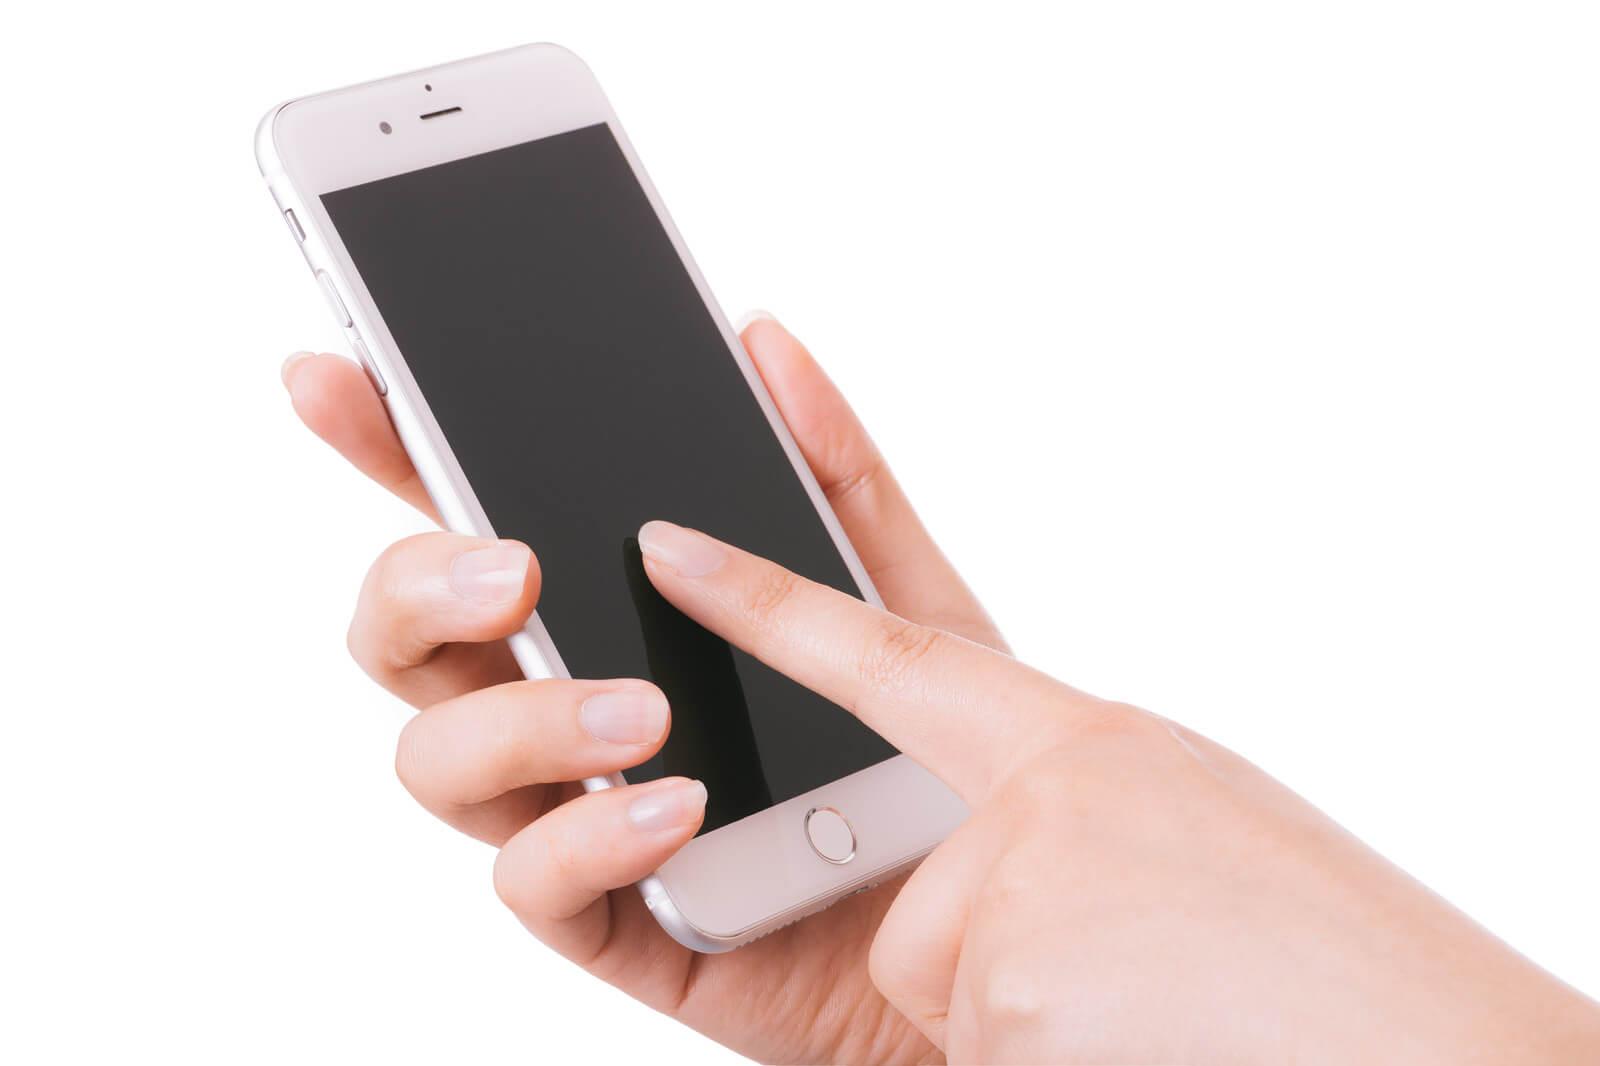 格安スマホの「エックスモバイル」のiPhoneを触る手